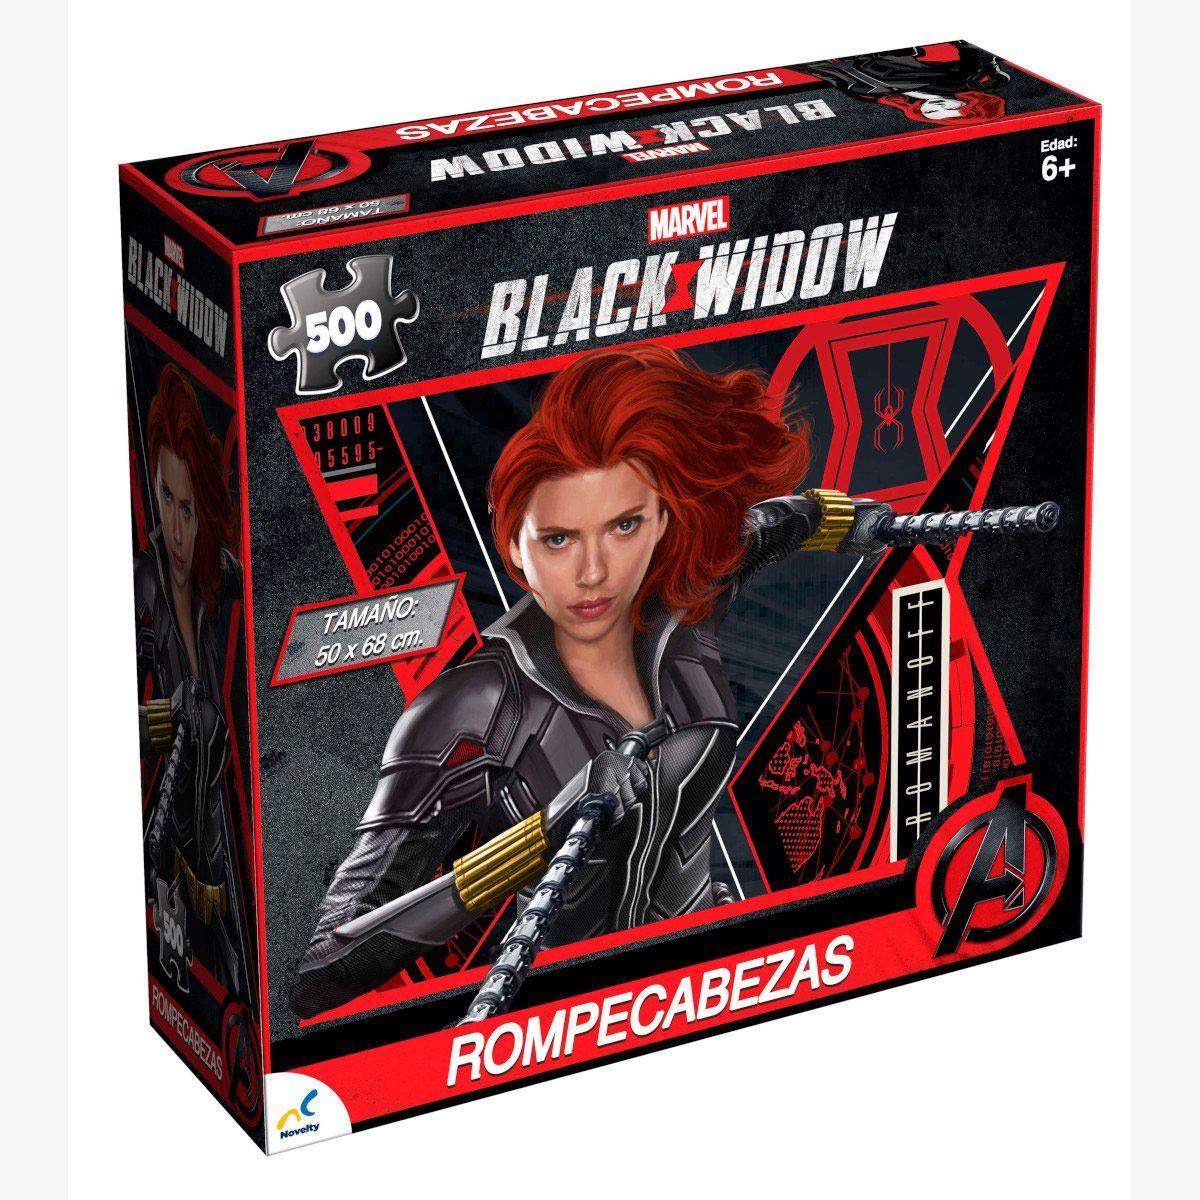 Rompecabezas Coleccionable Marvel Black Widow-500 Piezas